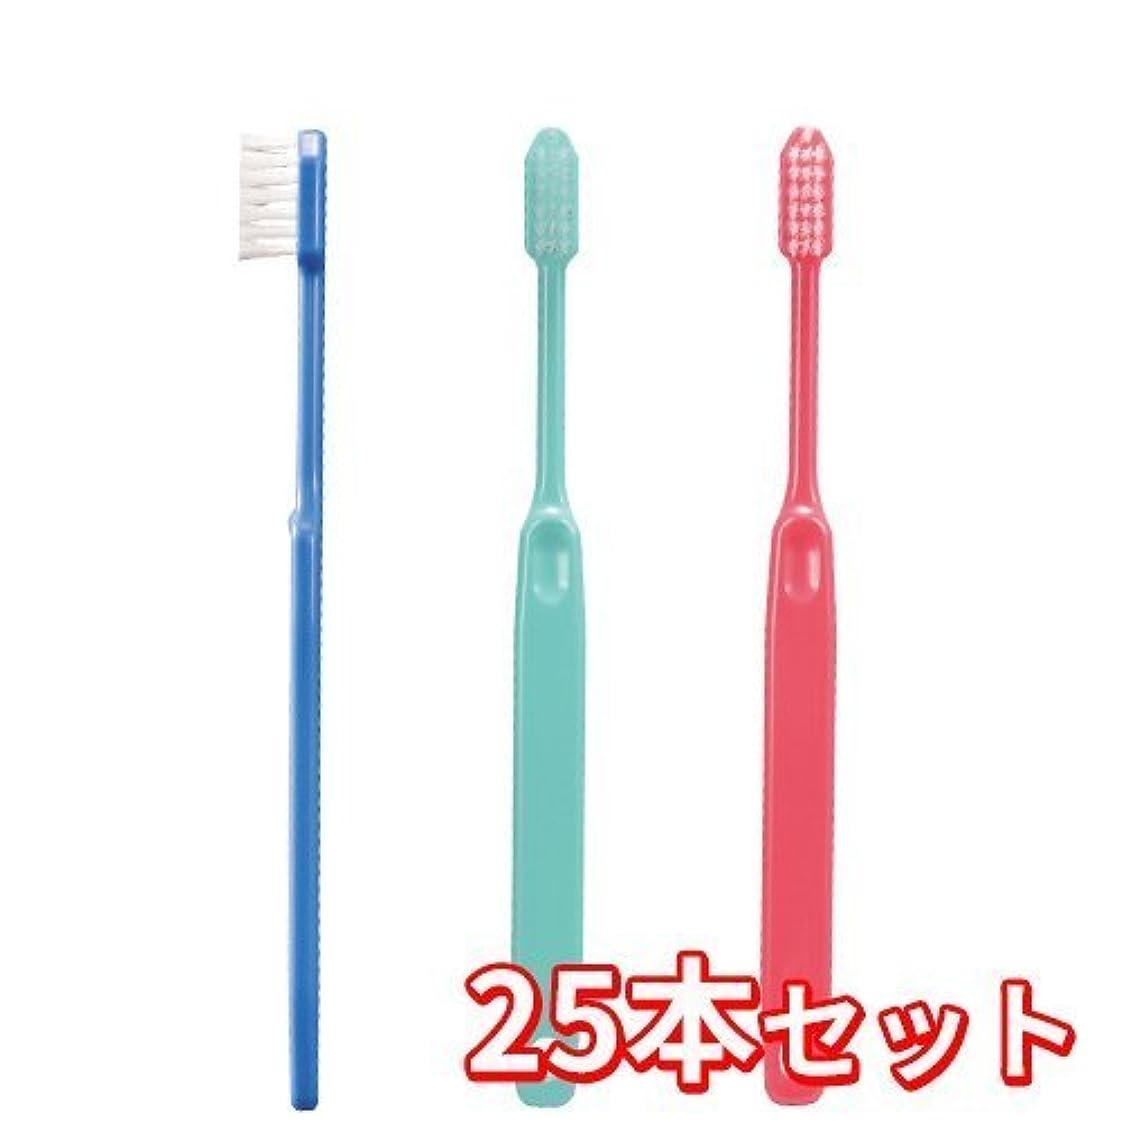 スリンク収束する着るCiメディカル 歯ブラシ コンパクトヘッド 疎毛タイプ アソート 25本 (Ci25(やわらかめ))